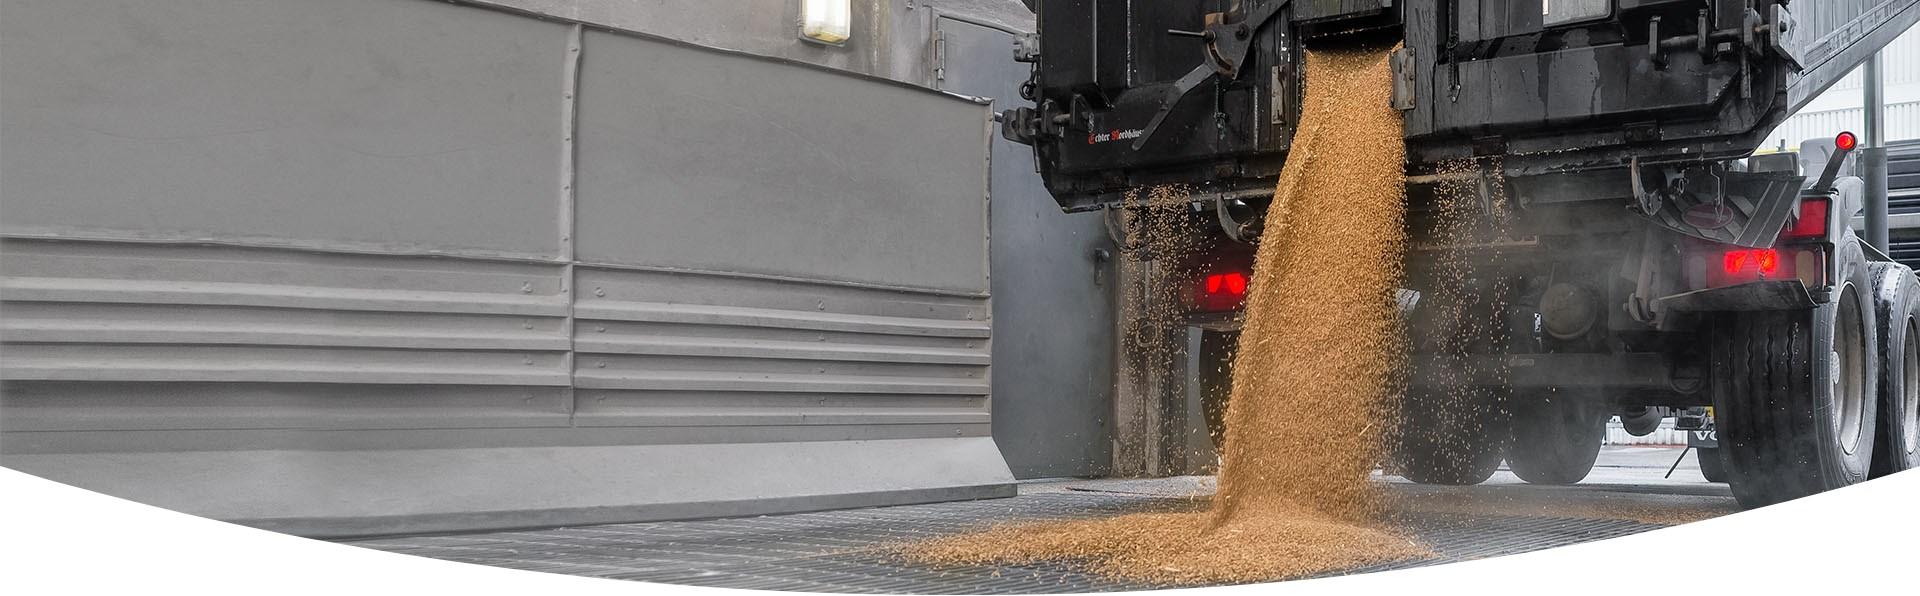 LKW-Anhänger aus dem gerade Weizen in eine Getreidegosse läuft.